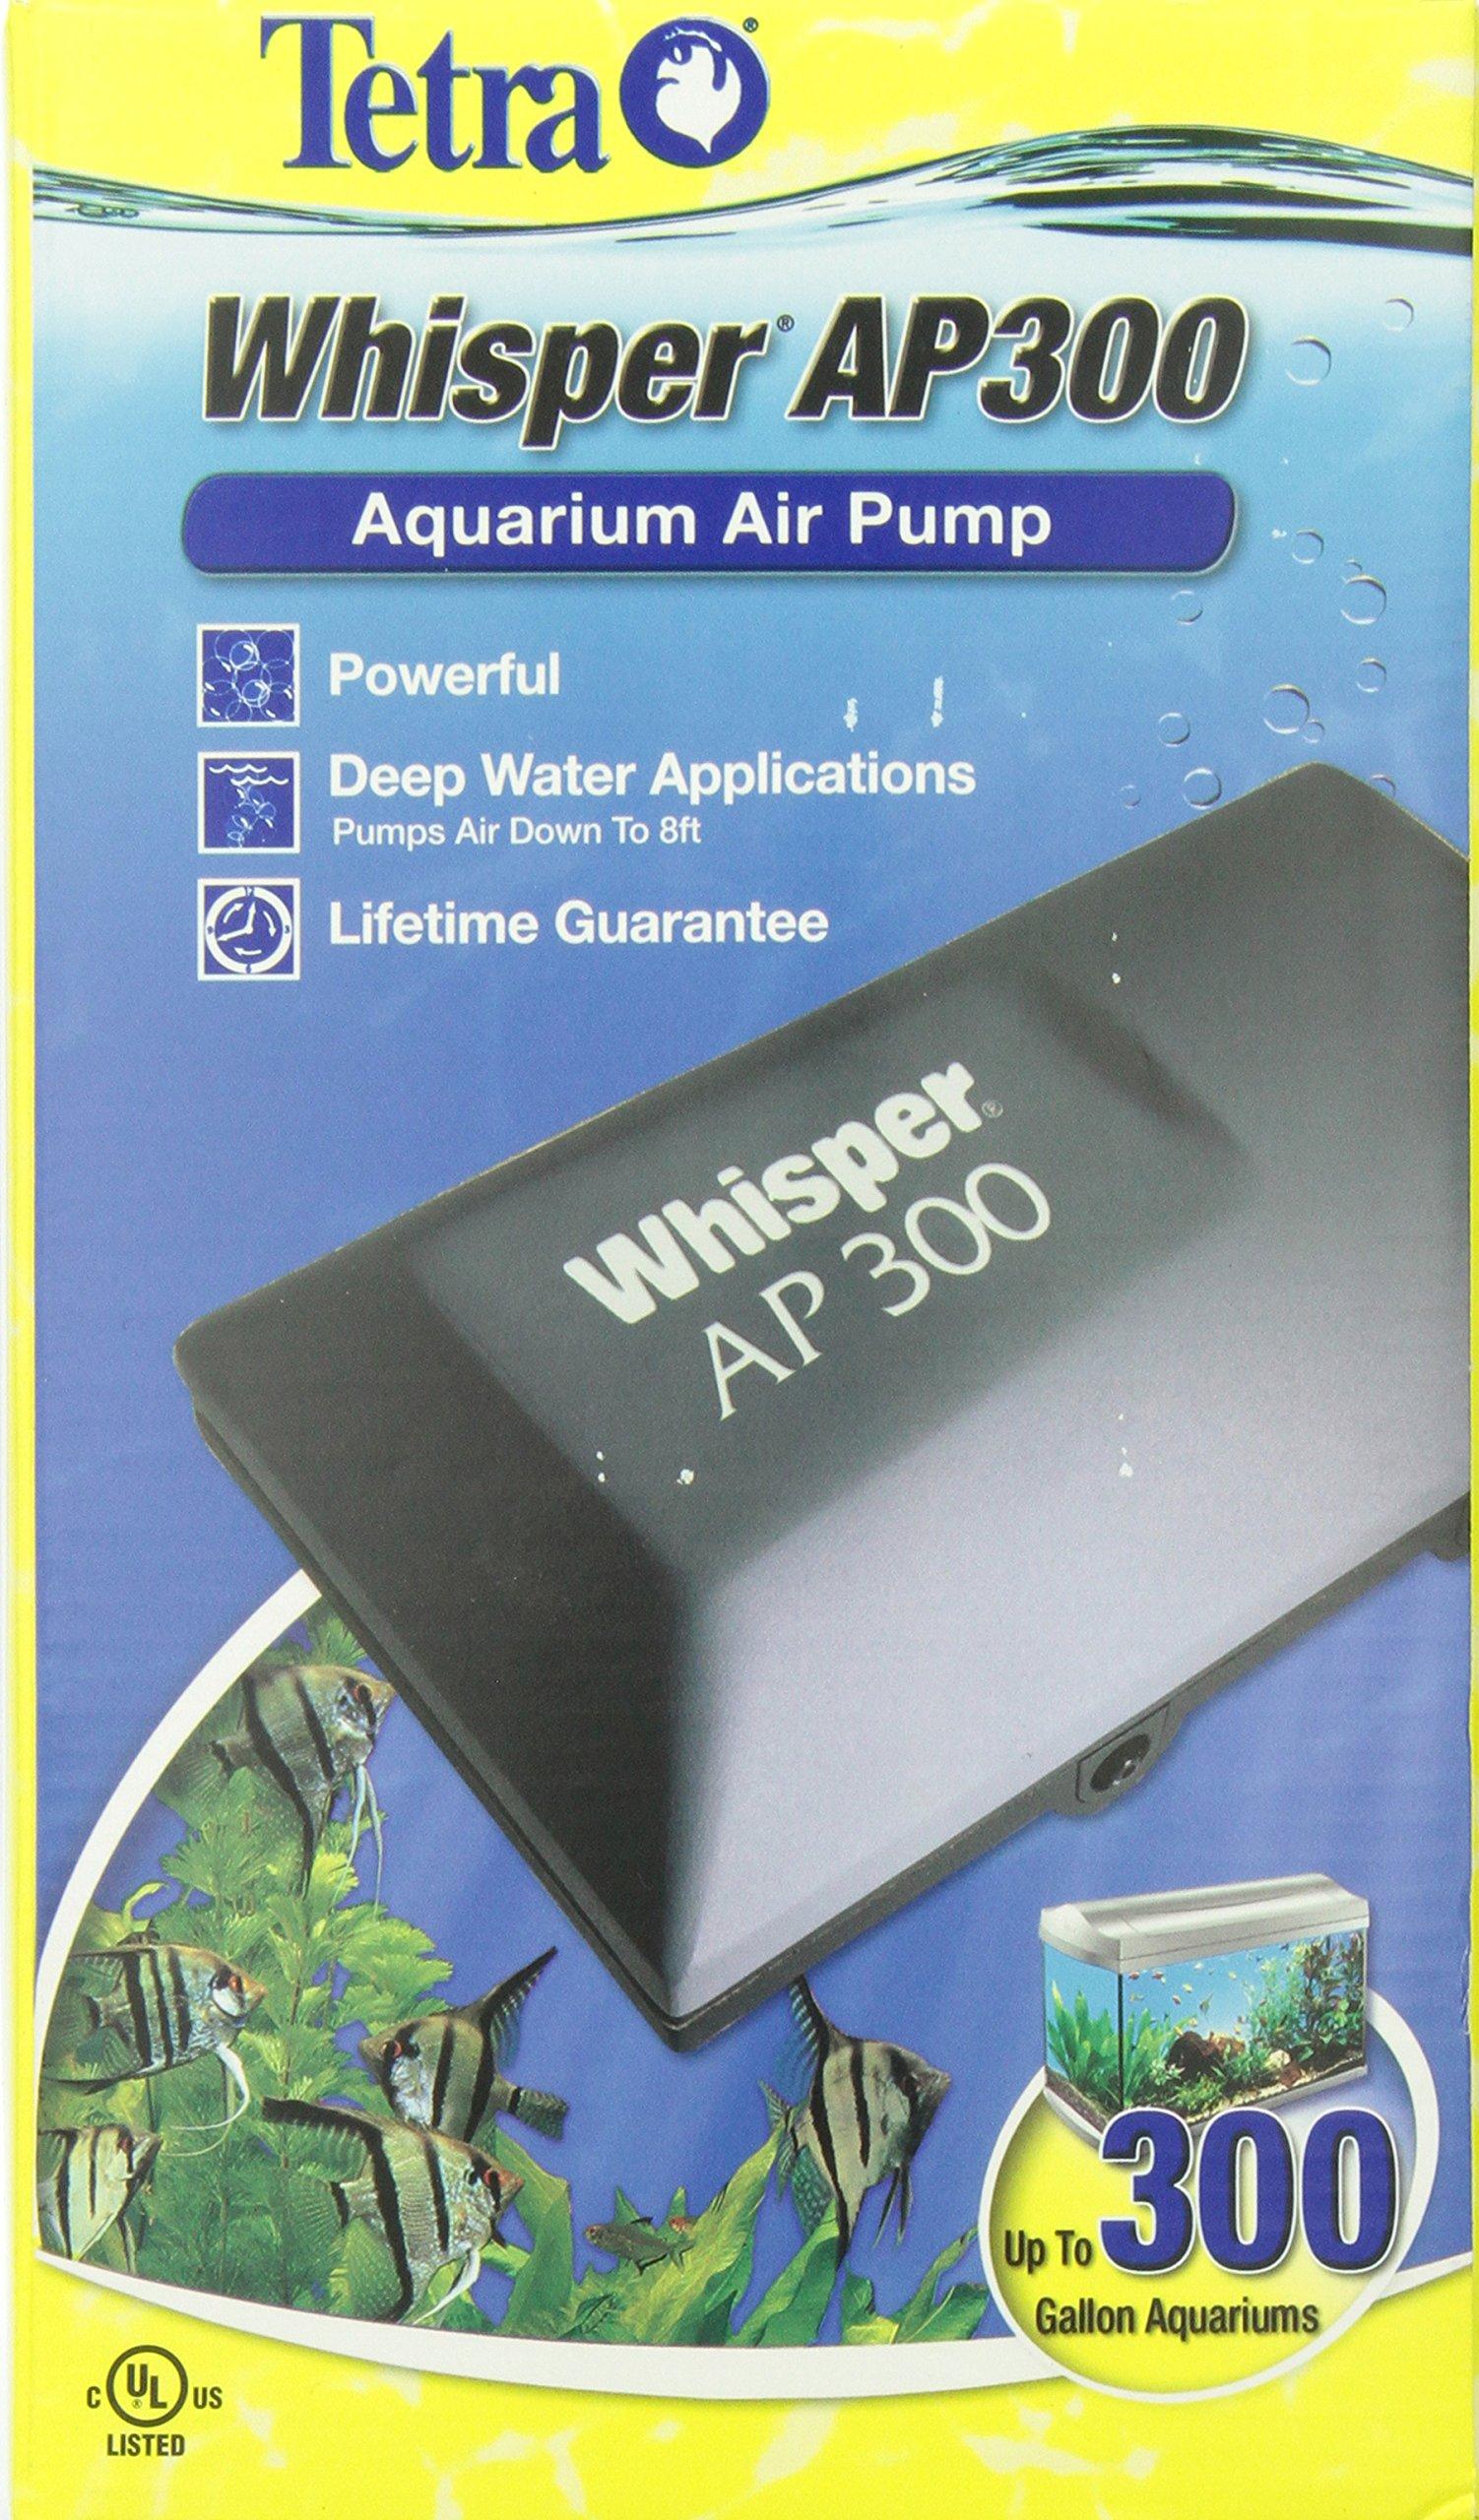 Tetra Whisper AP300 Aquarium Air Pump, for Deep Water Applications by Tetra